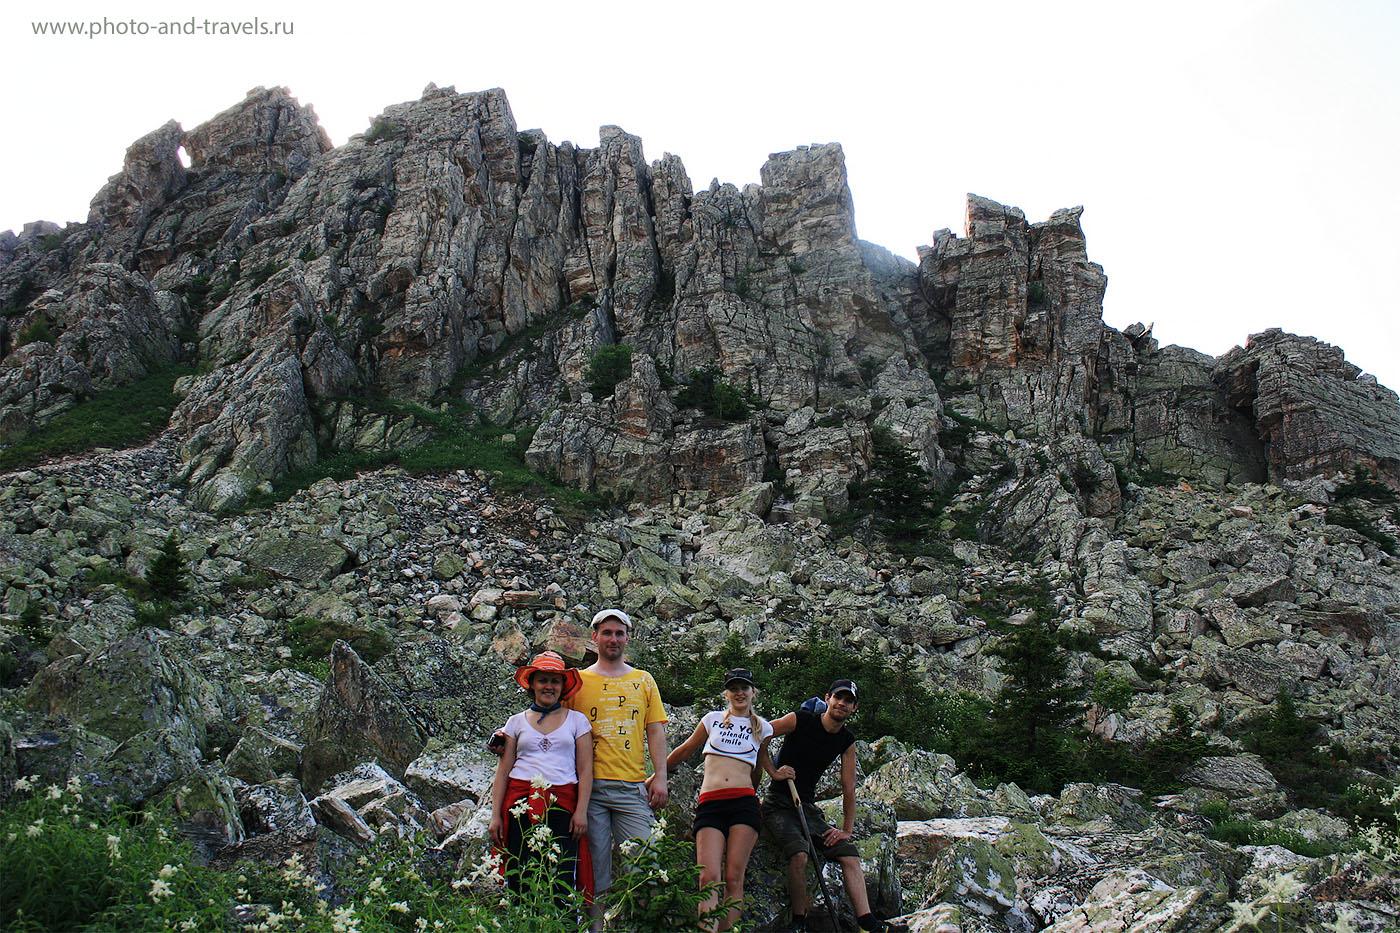 12. Наша группа перед подъемом на Откликной гребень в национальном парке Таганай на Южном Урале